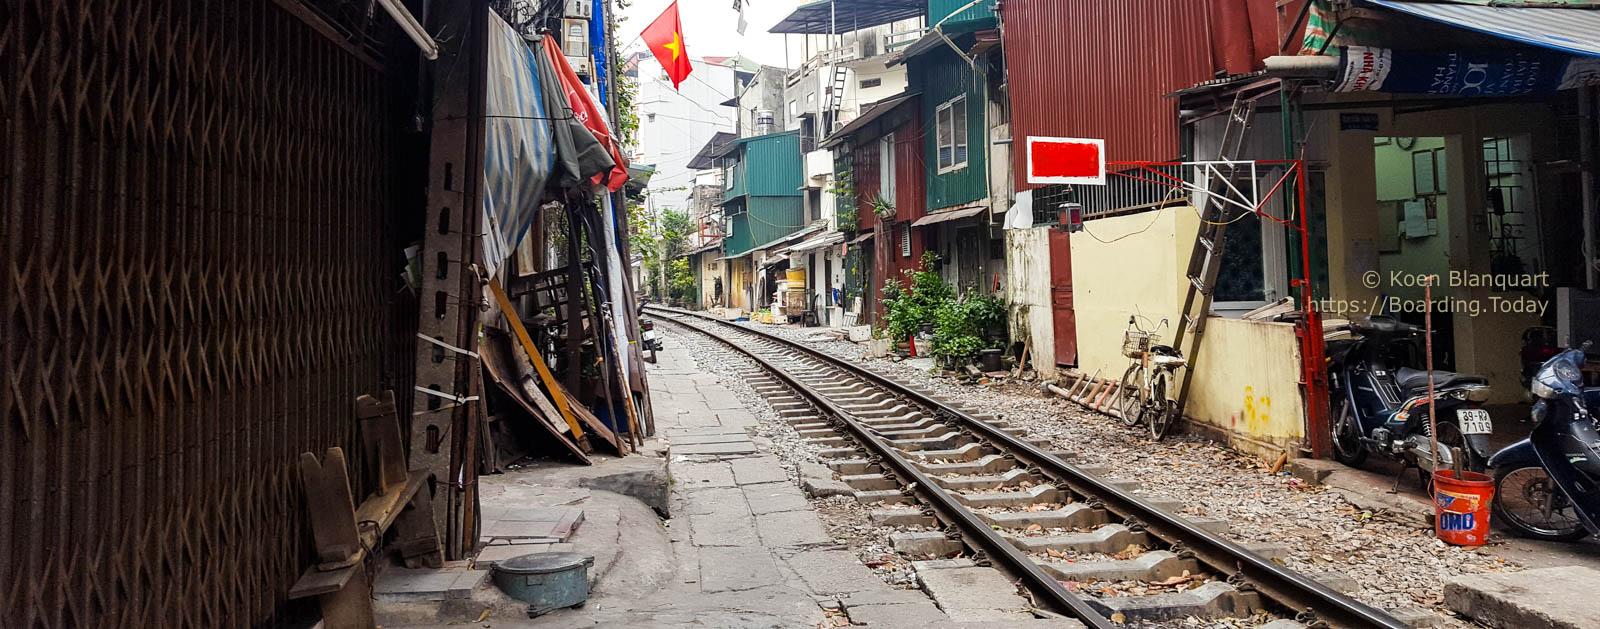 20170129-2017-01-29 08.18.40Hanoi, Vietnam by Koen Blanquart for Boarding.Today.jpg